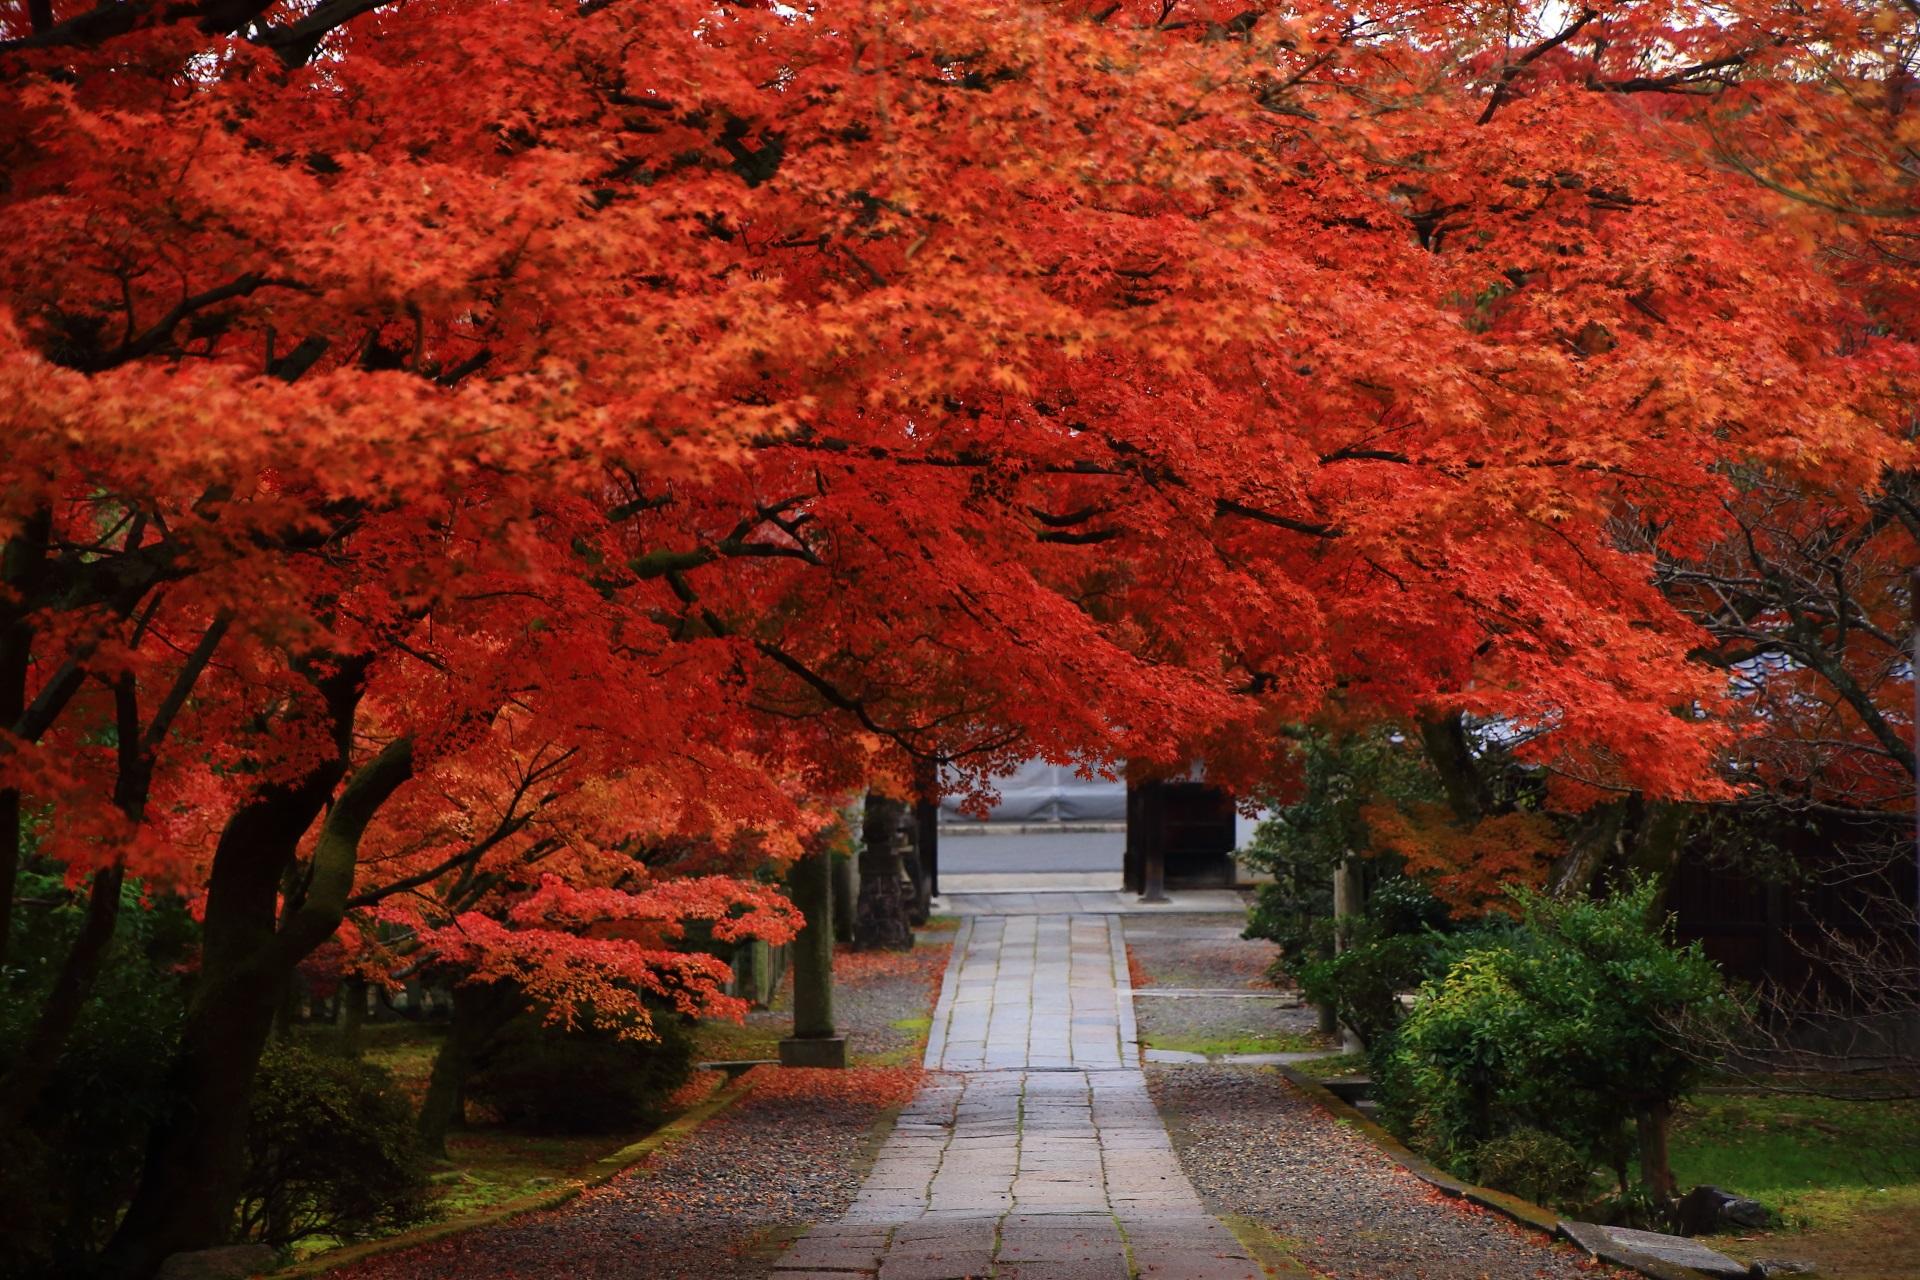 養源院の参道の溢れ出す紅葉